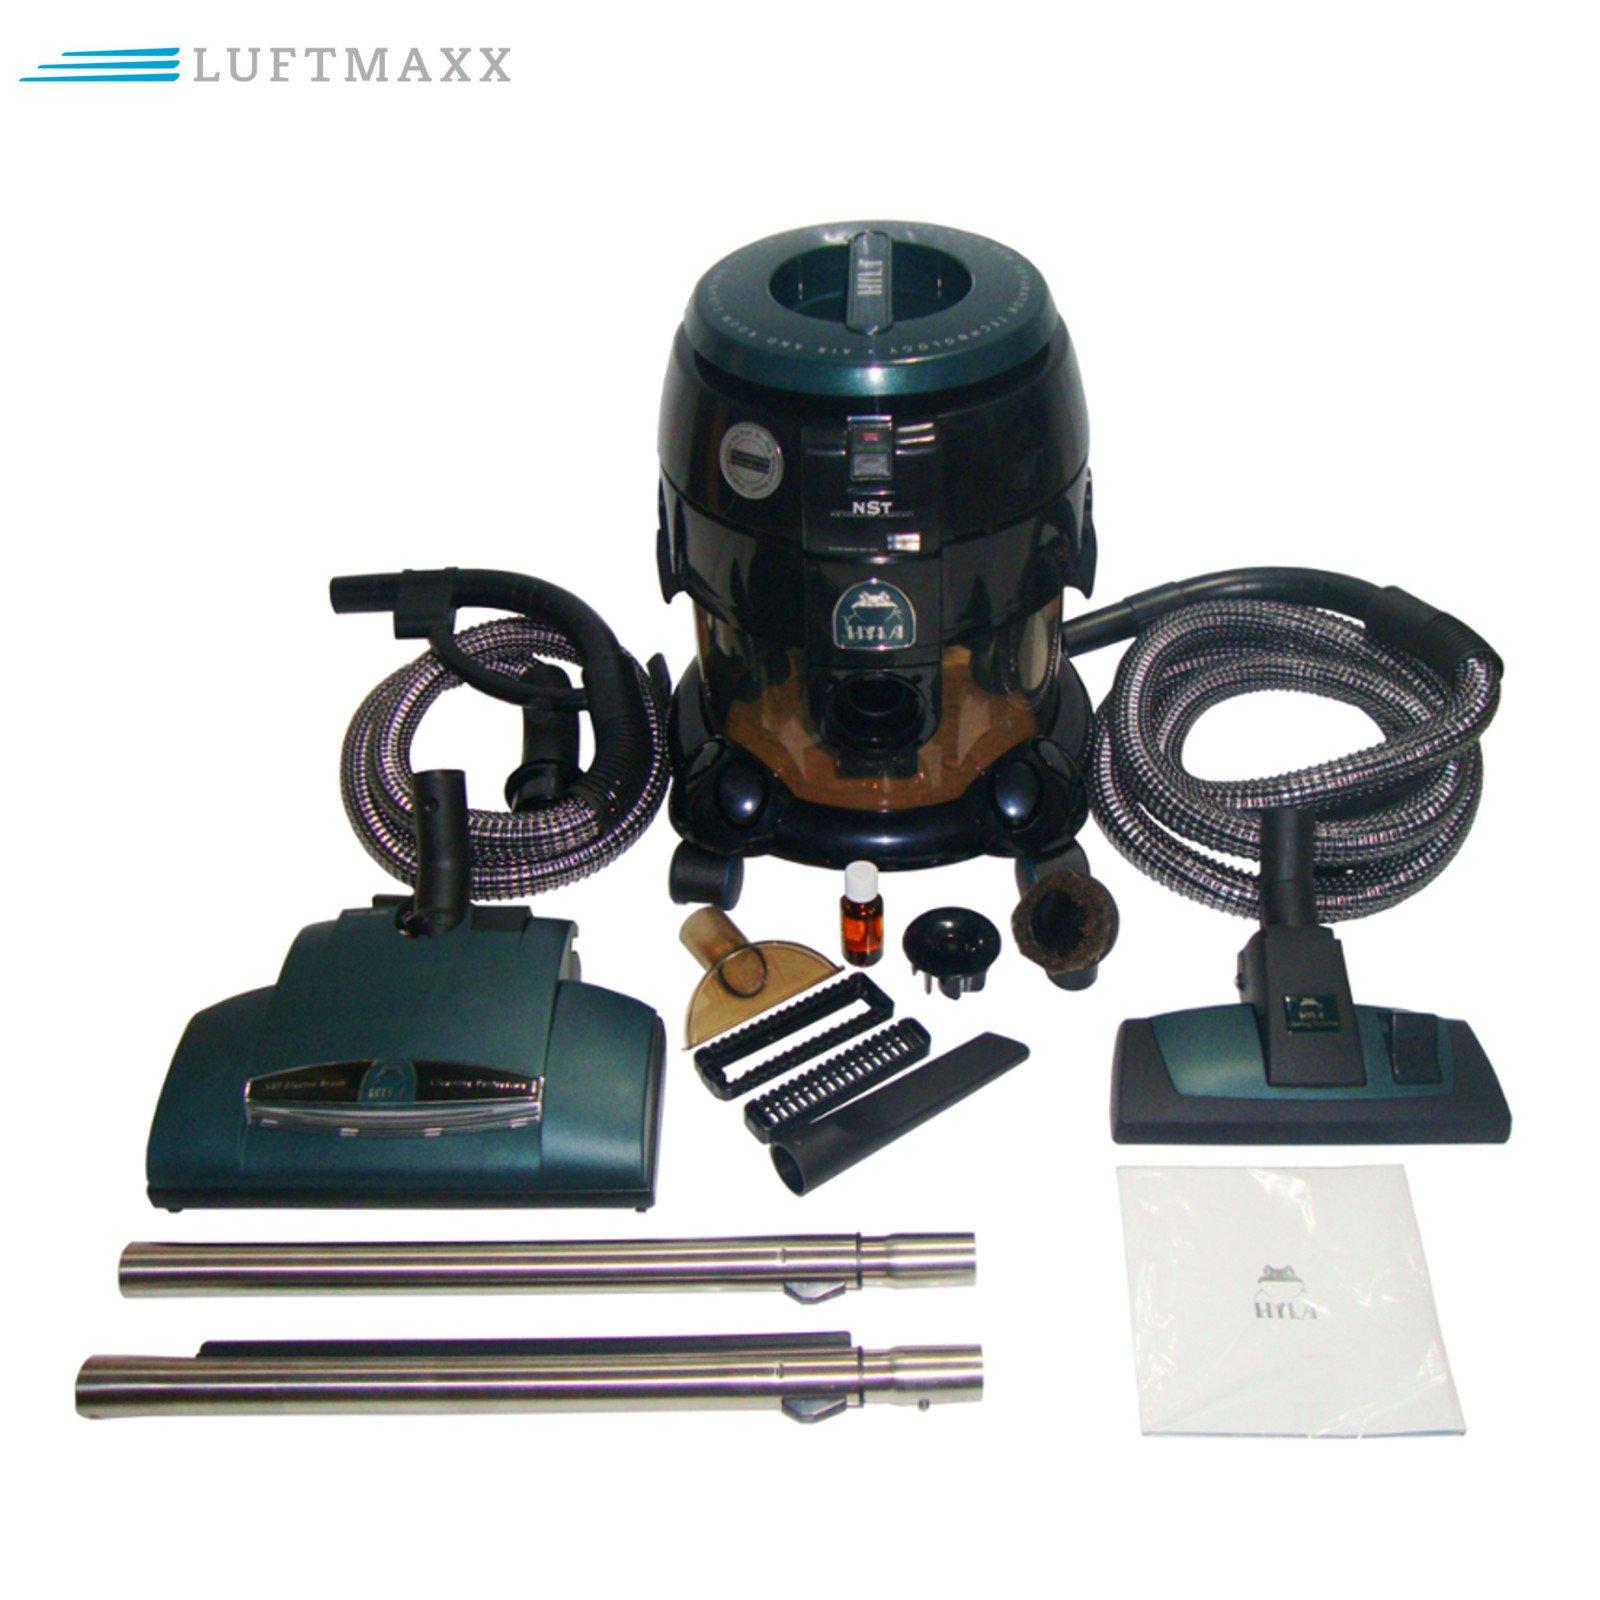 Hyla NST aspirador con cepillo eléctrico EBK 340 L con luz agua aspirador de aire y sistema de limpieza de habitación Top Incluye 1 x Aire Maxx aceite aromático: Amazon.es: Hogar